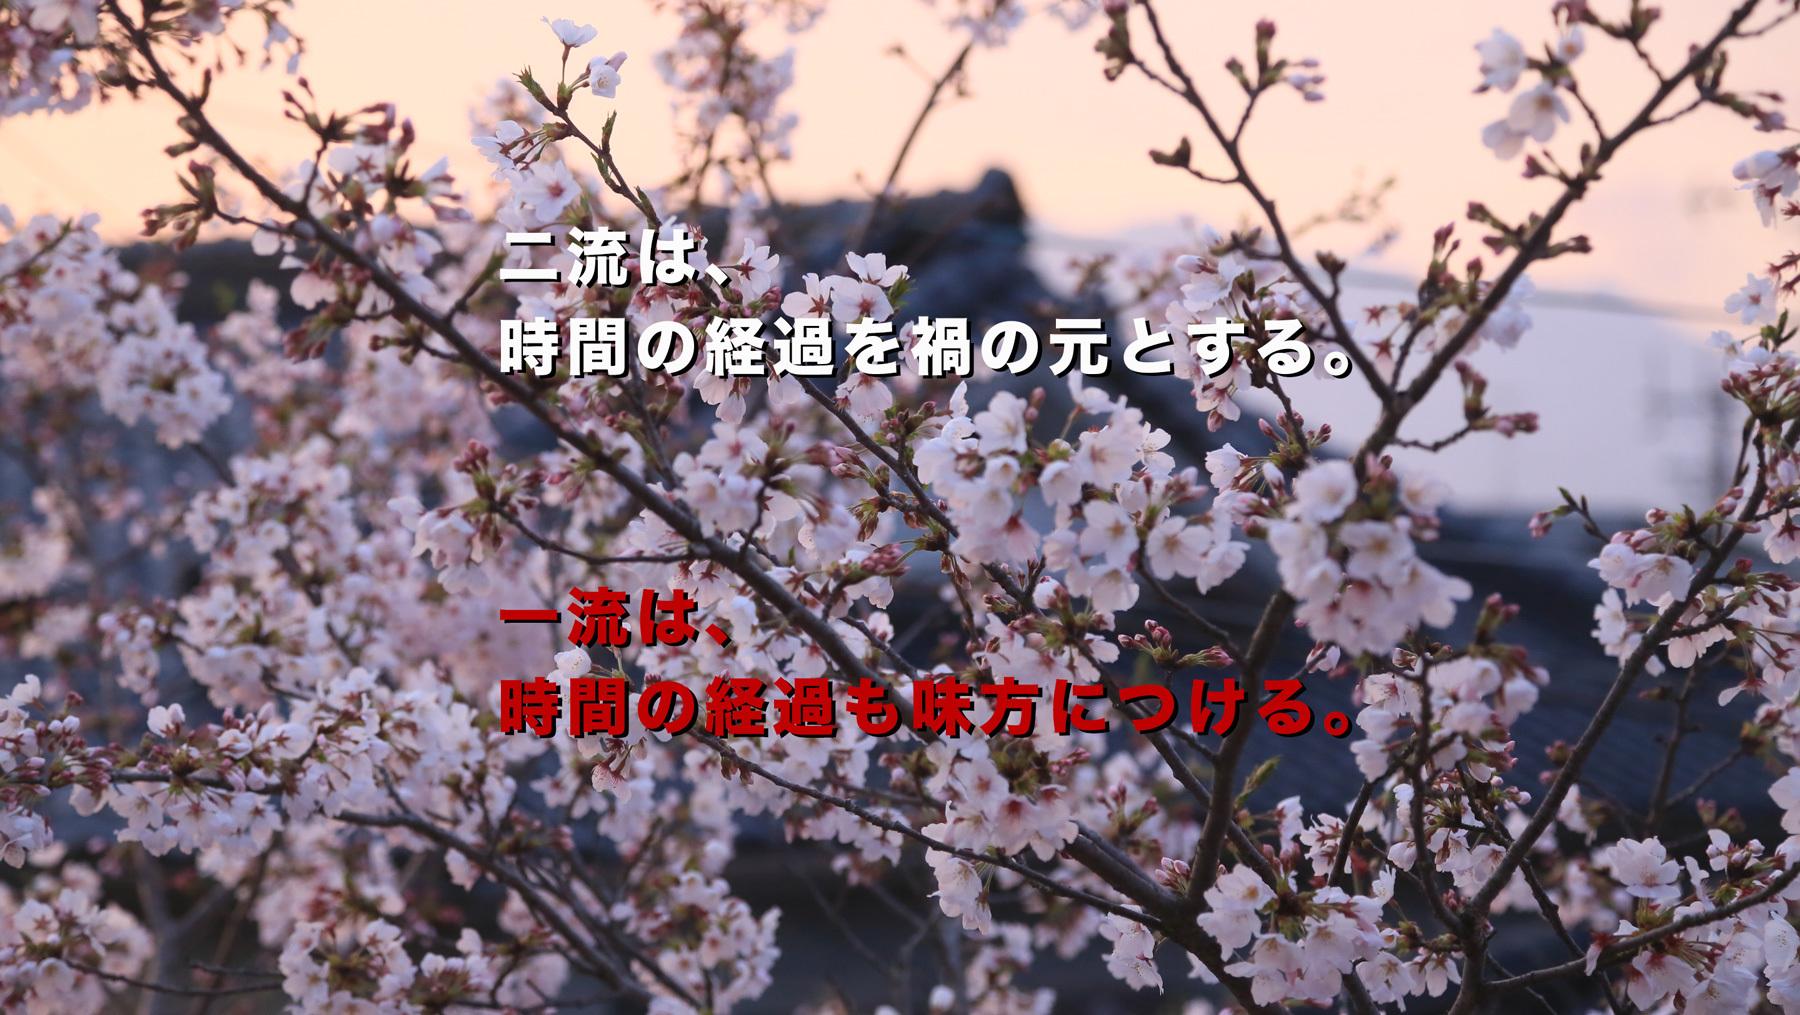 19回目のお花見 その1【続・家づくりの玉手箱】